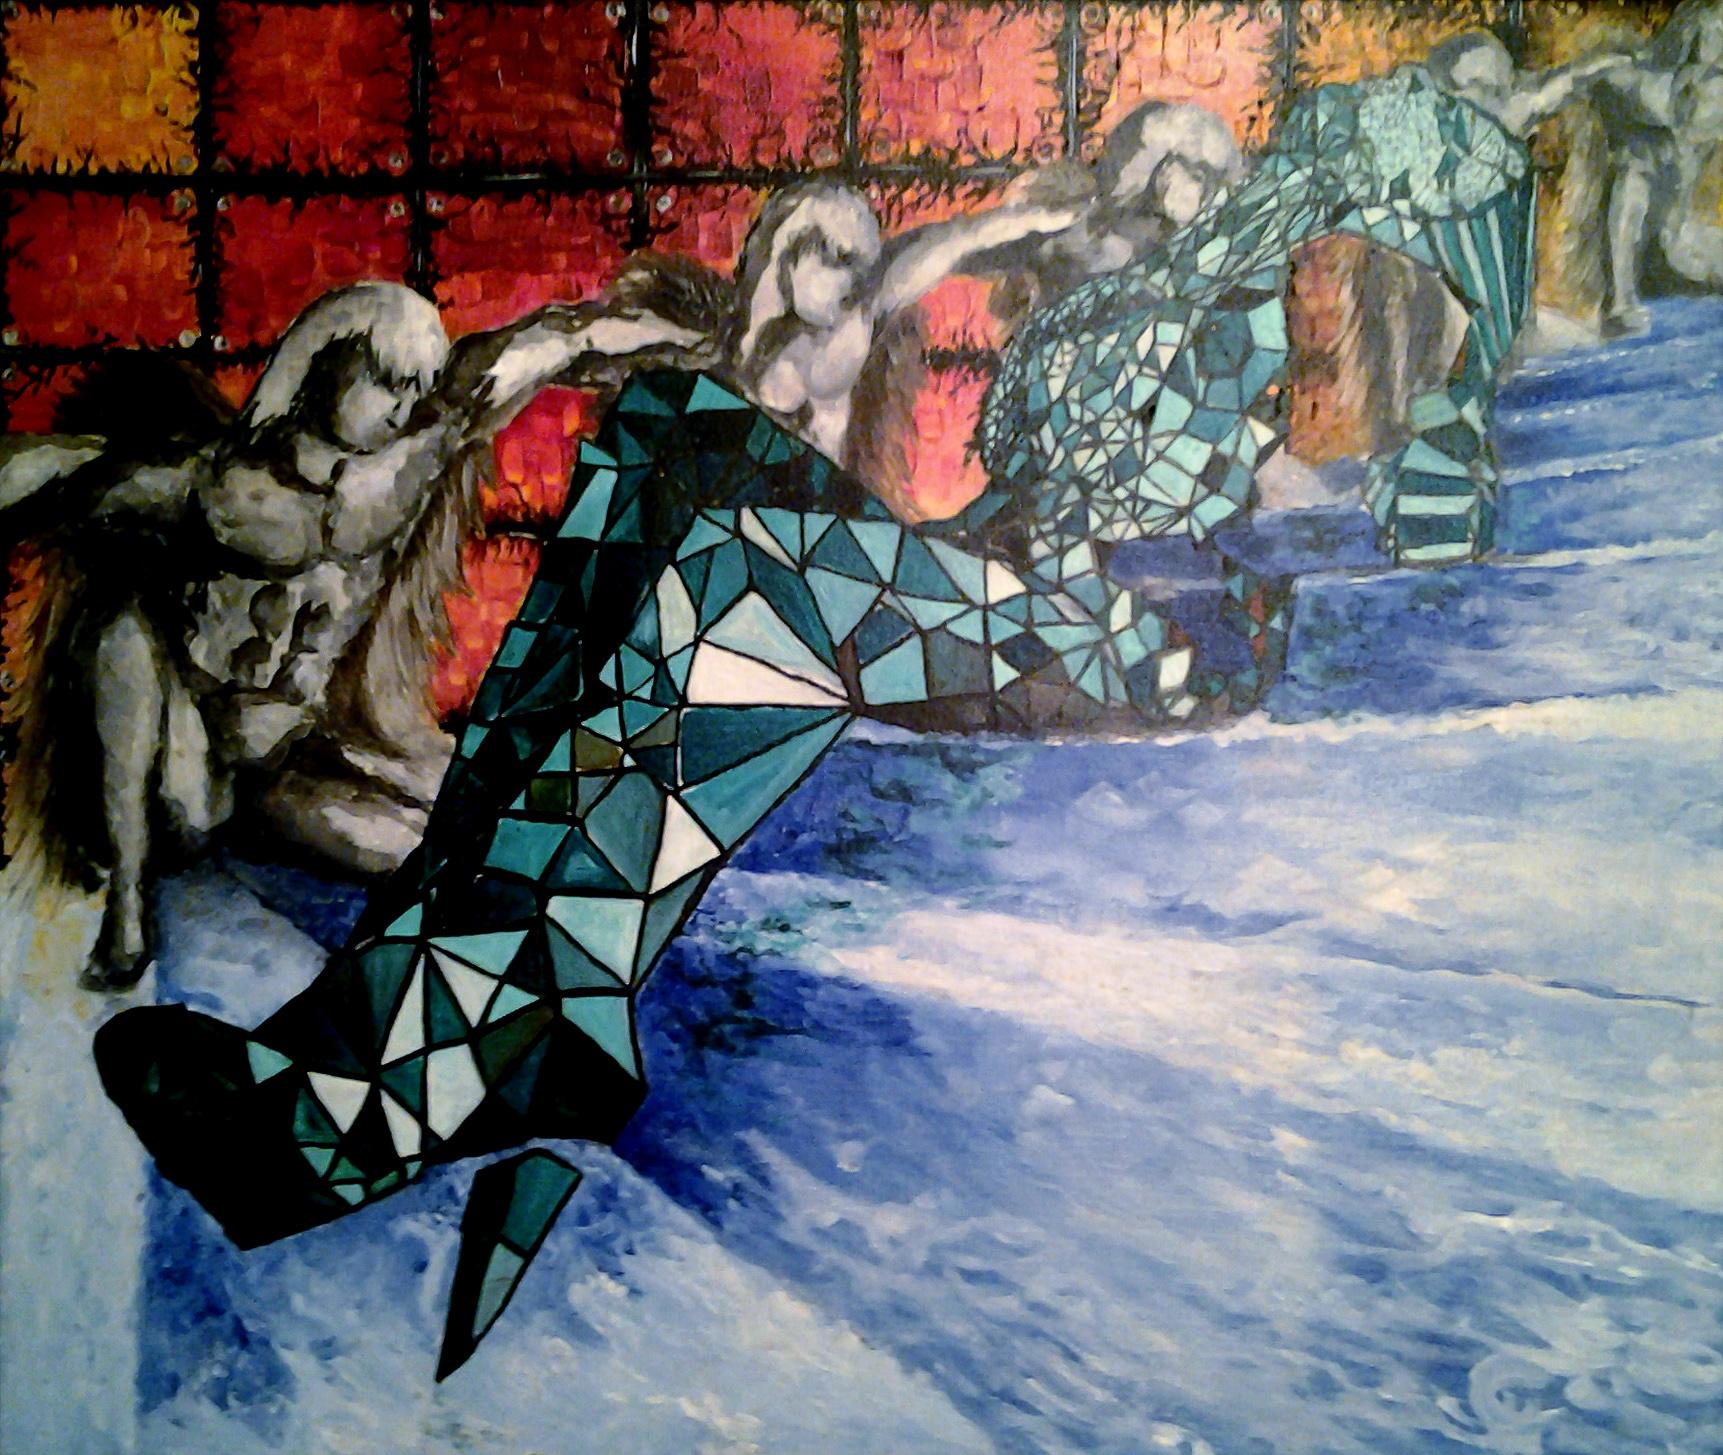 Роспись стены, роспись потолка, роспись стекла, имитация витража, фальшвитраж , художественная роспись